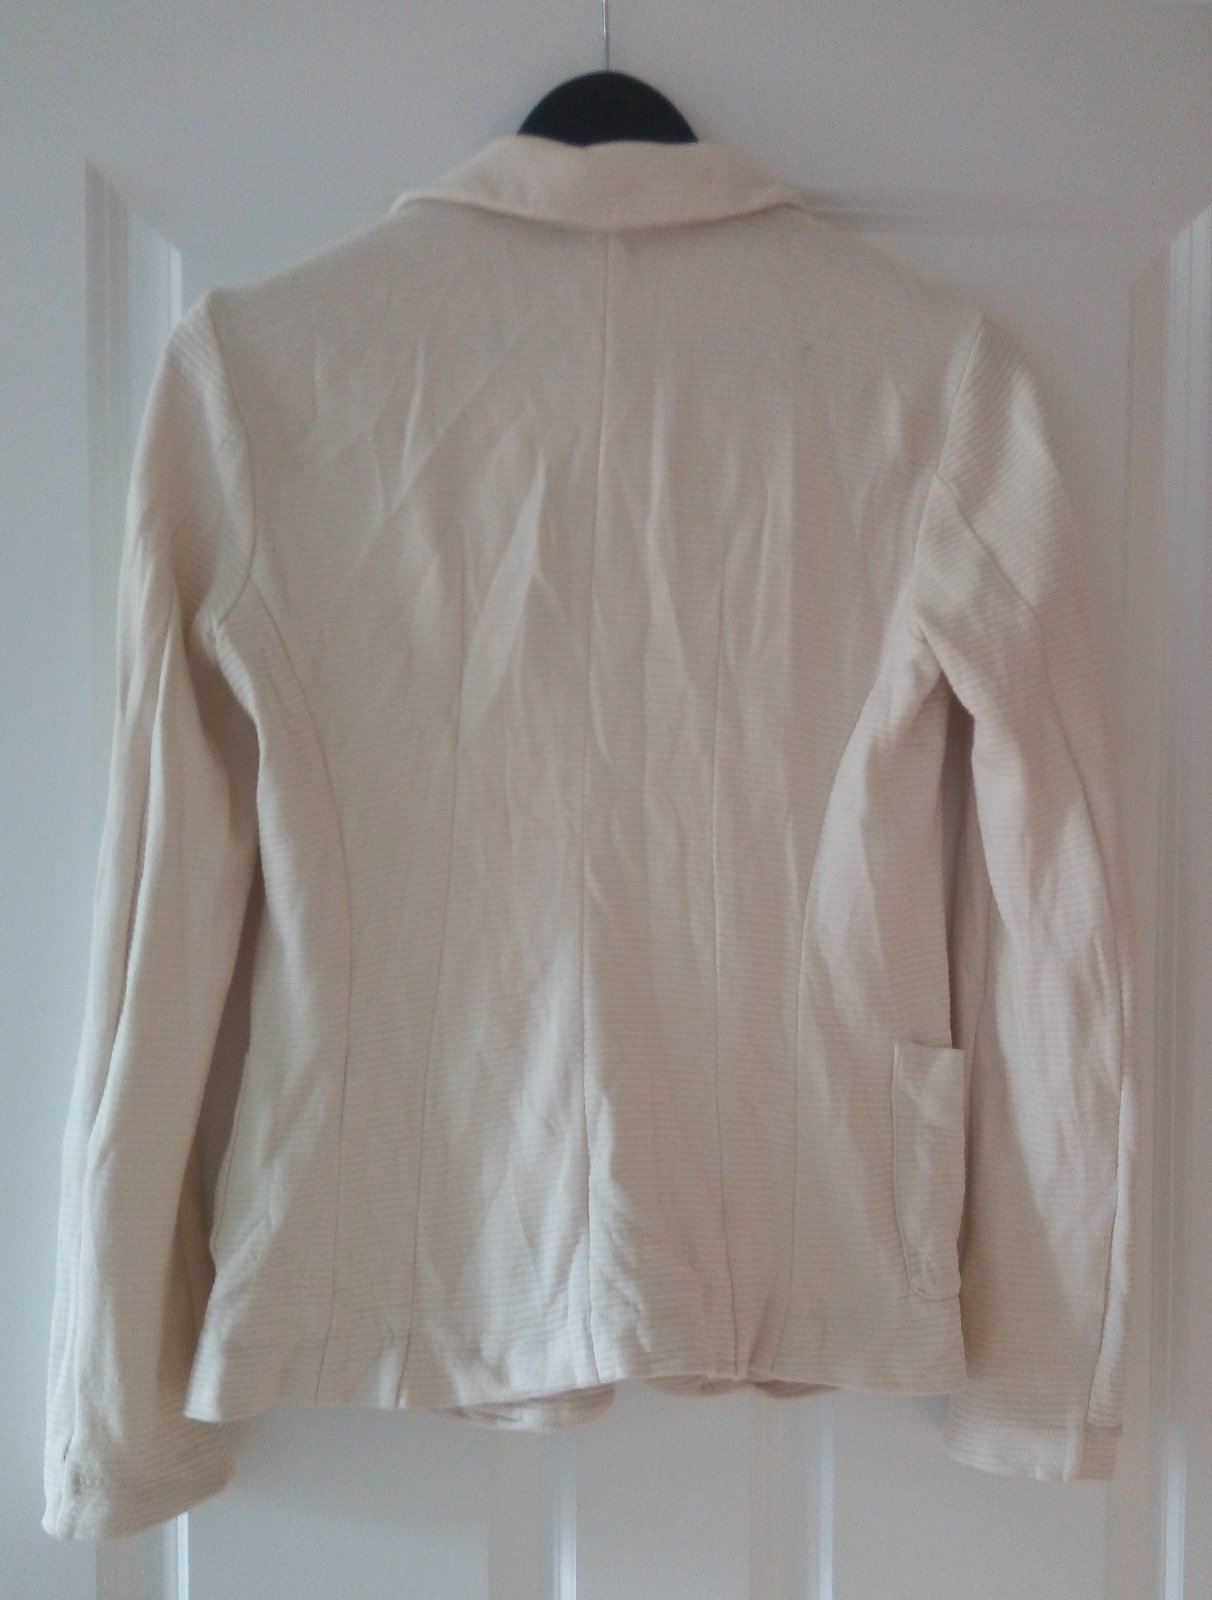 Bledé bavlnené sako S - Obrázok č. 3